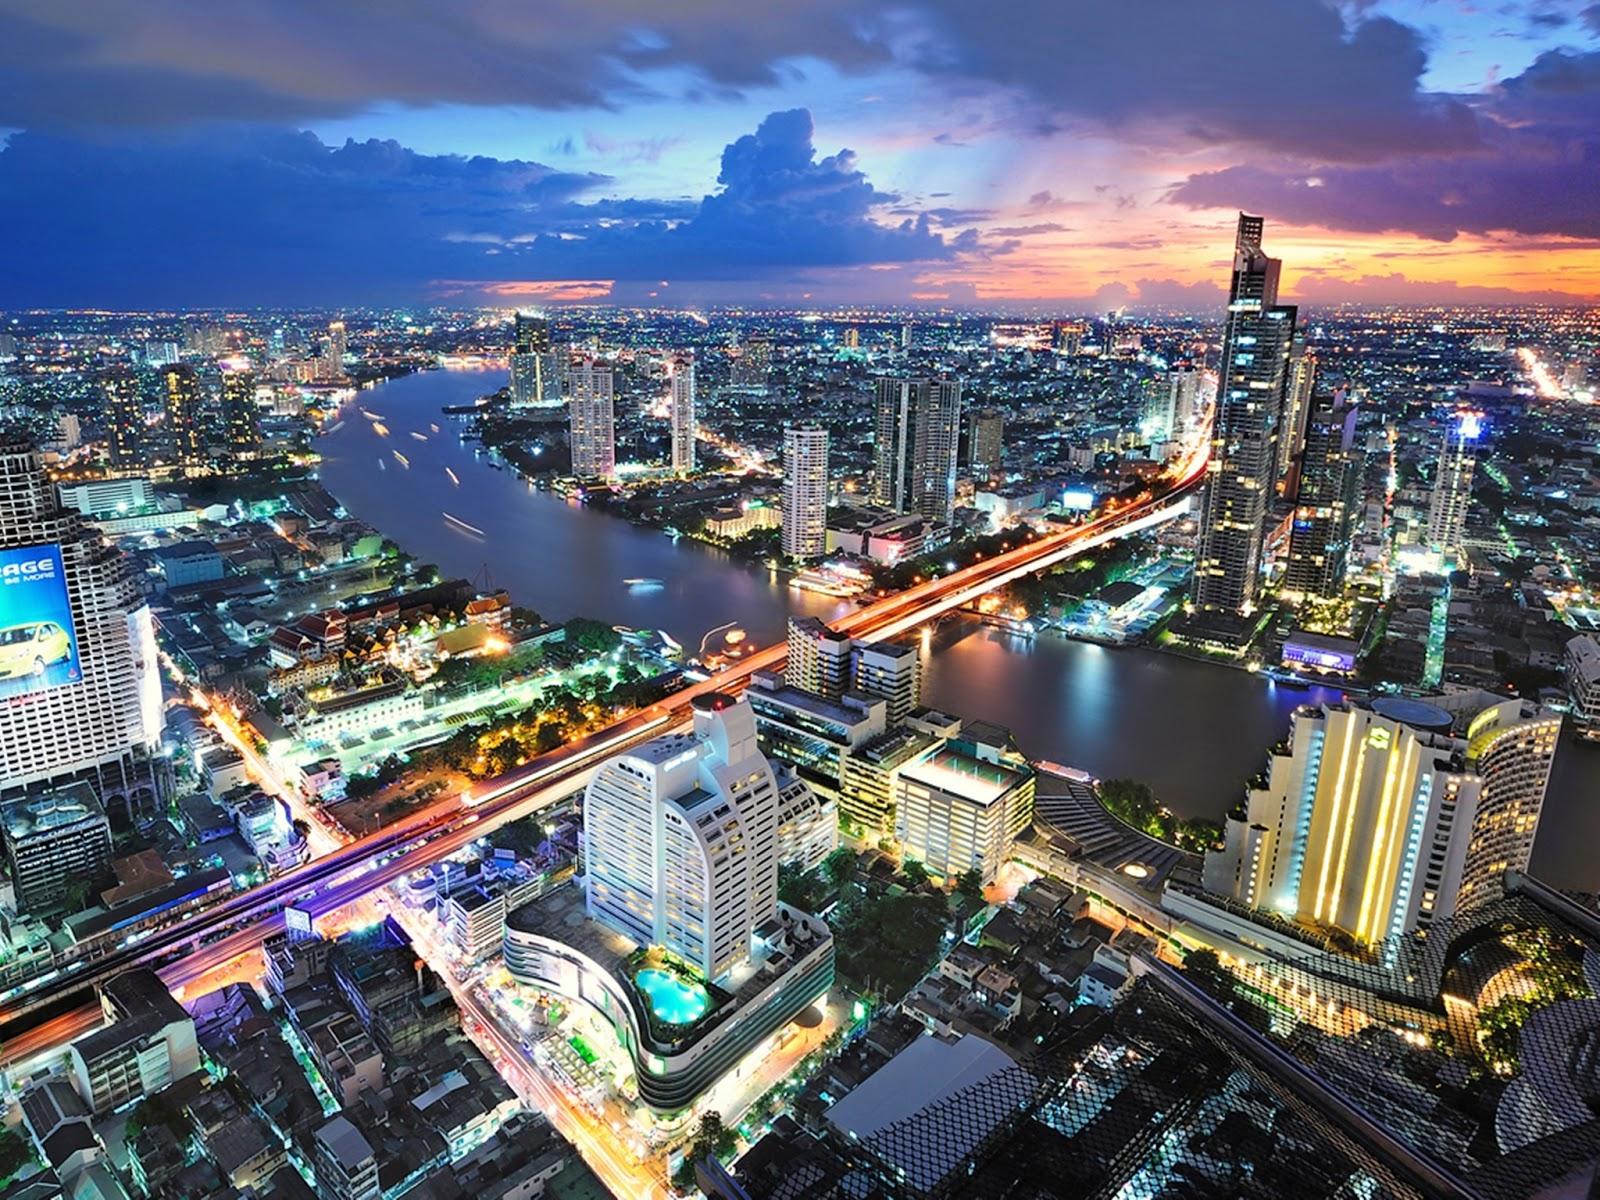 Booking.com เผยกรุงเทพฯ ติดอันดับท็อป 10 จุดหมายปลายทางที่ถูกค้นหามากที่สุดใน 14 ประเทศ